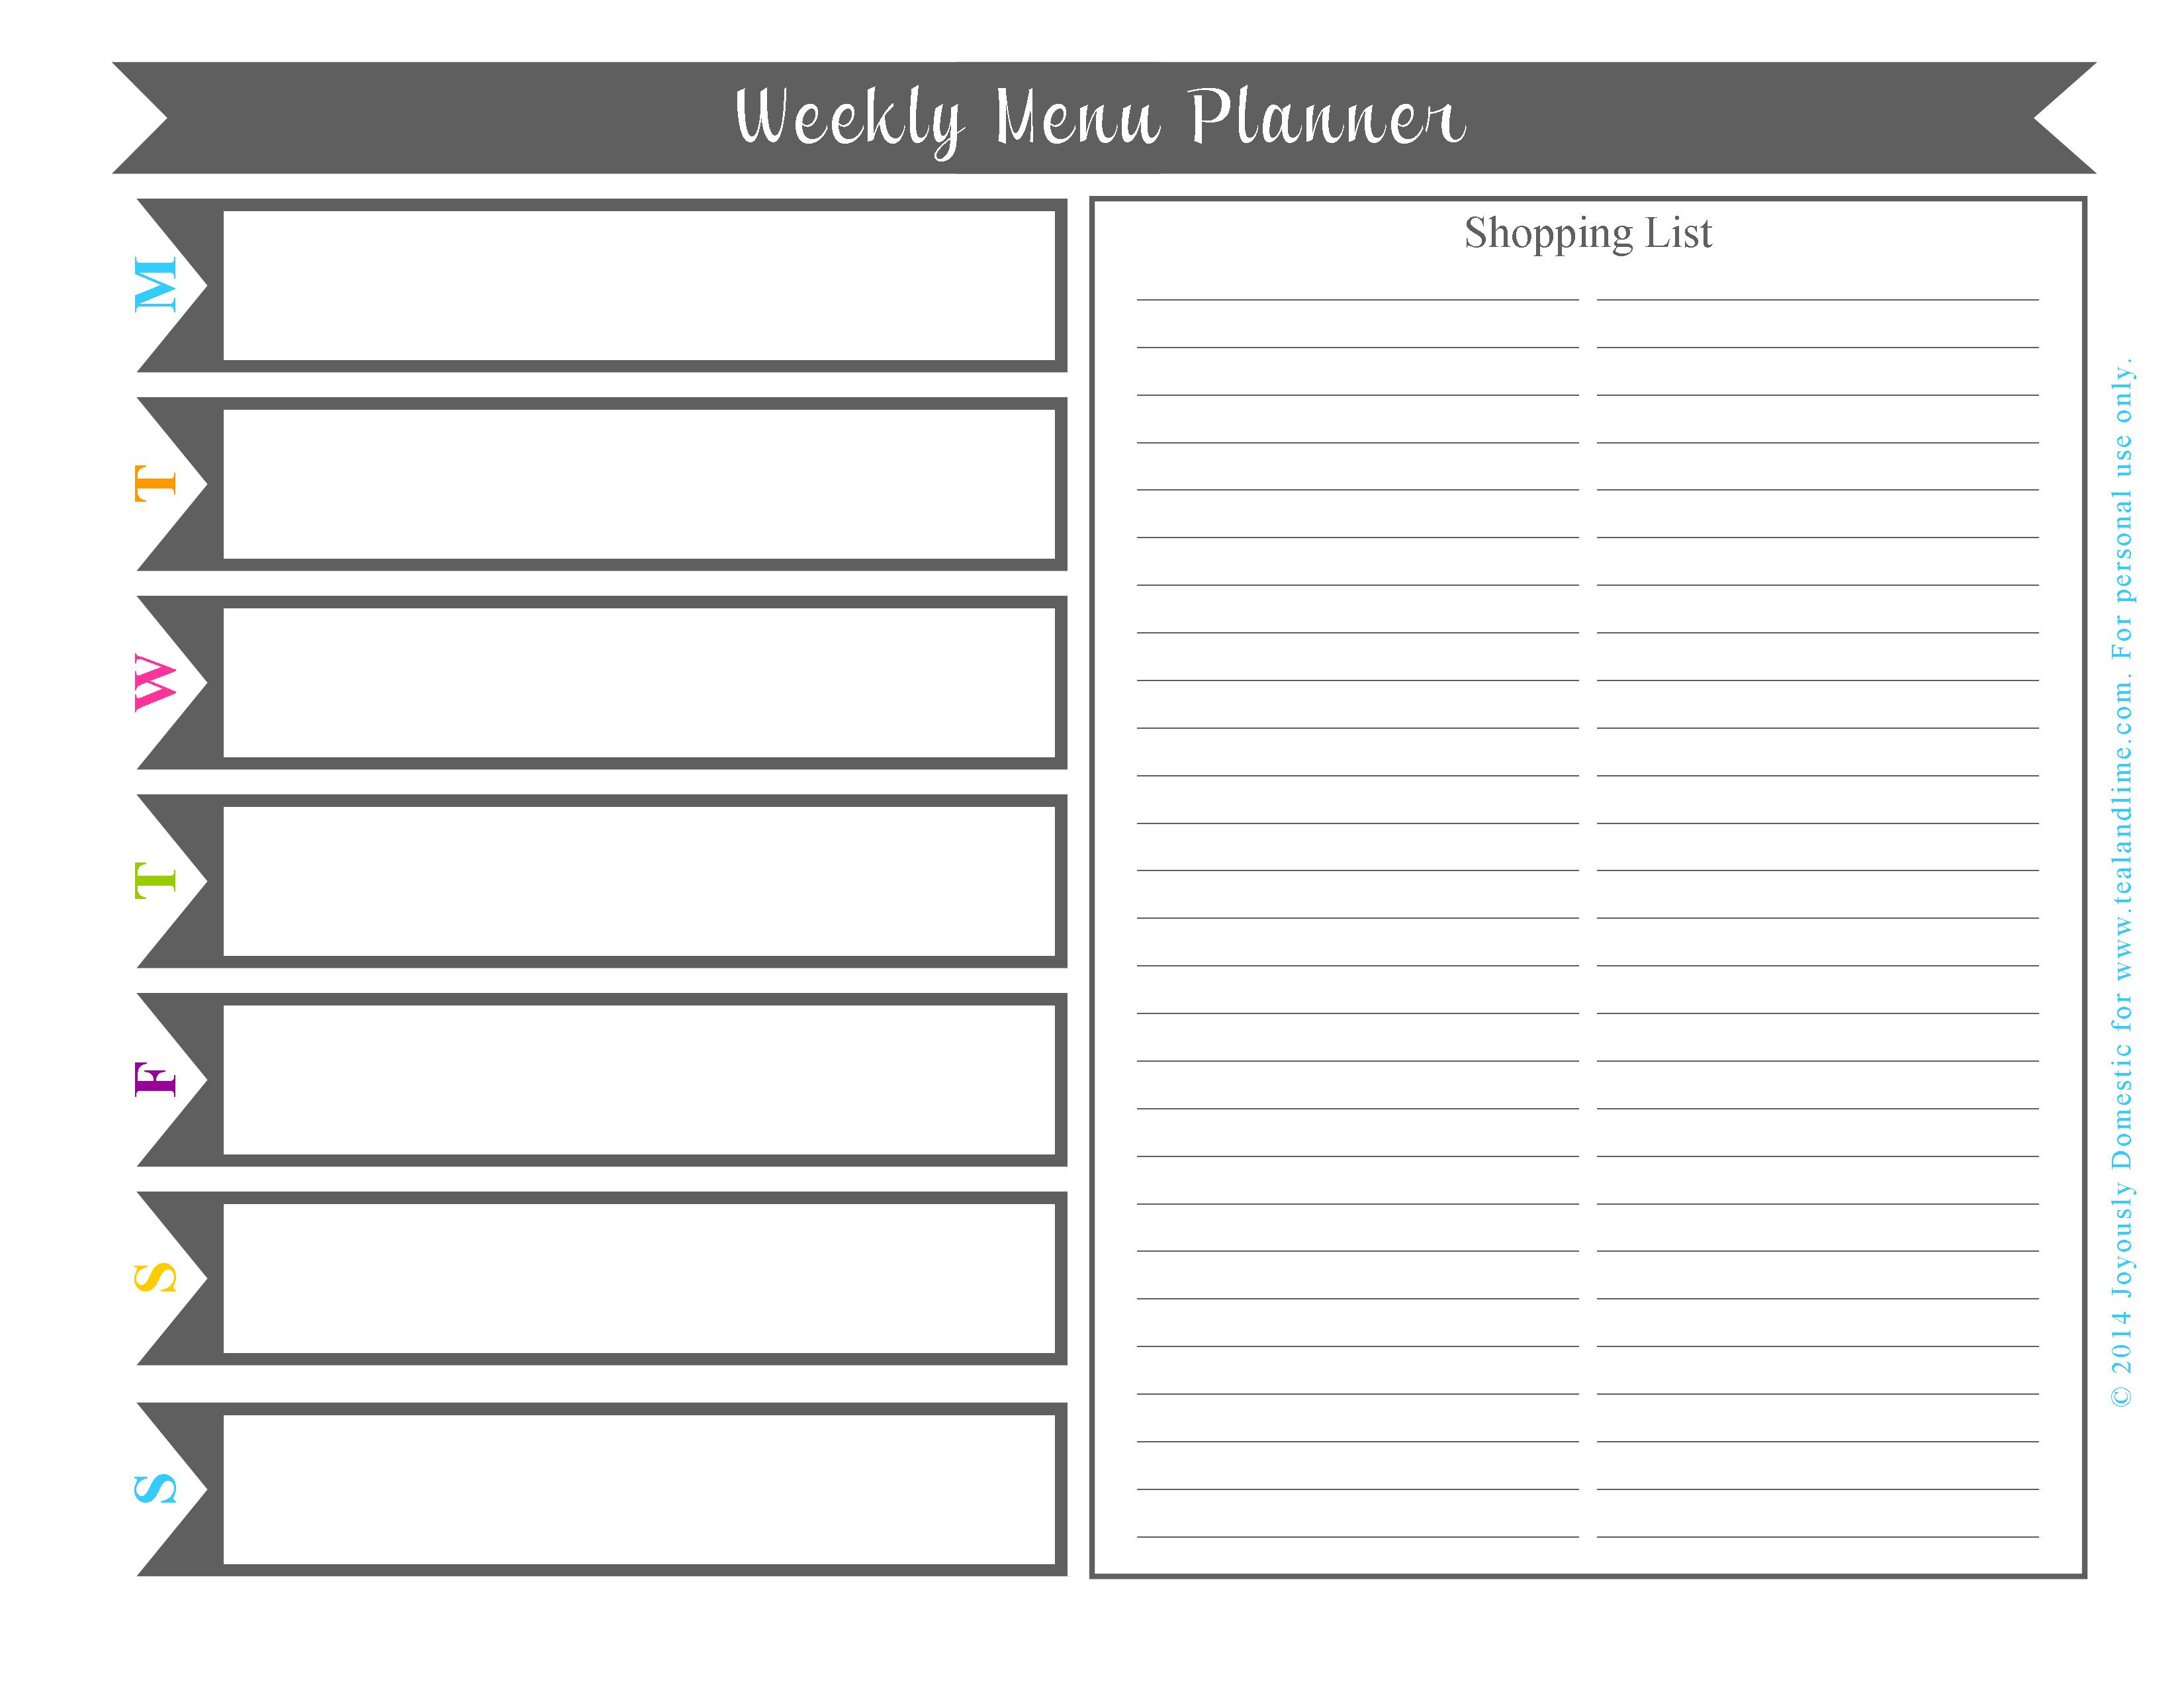 6 Images of Printable Weekly Menu Planning